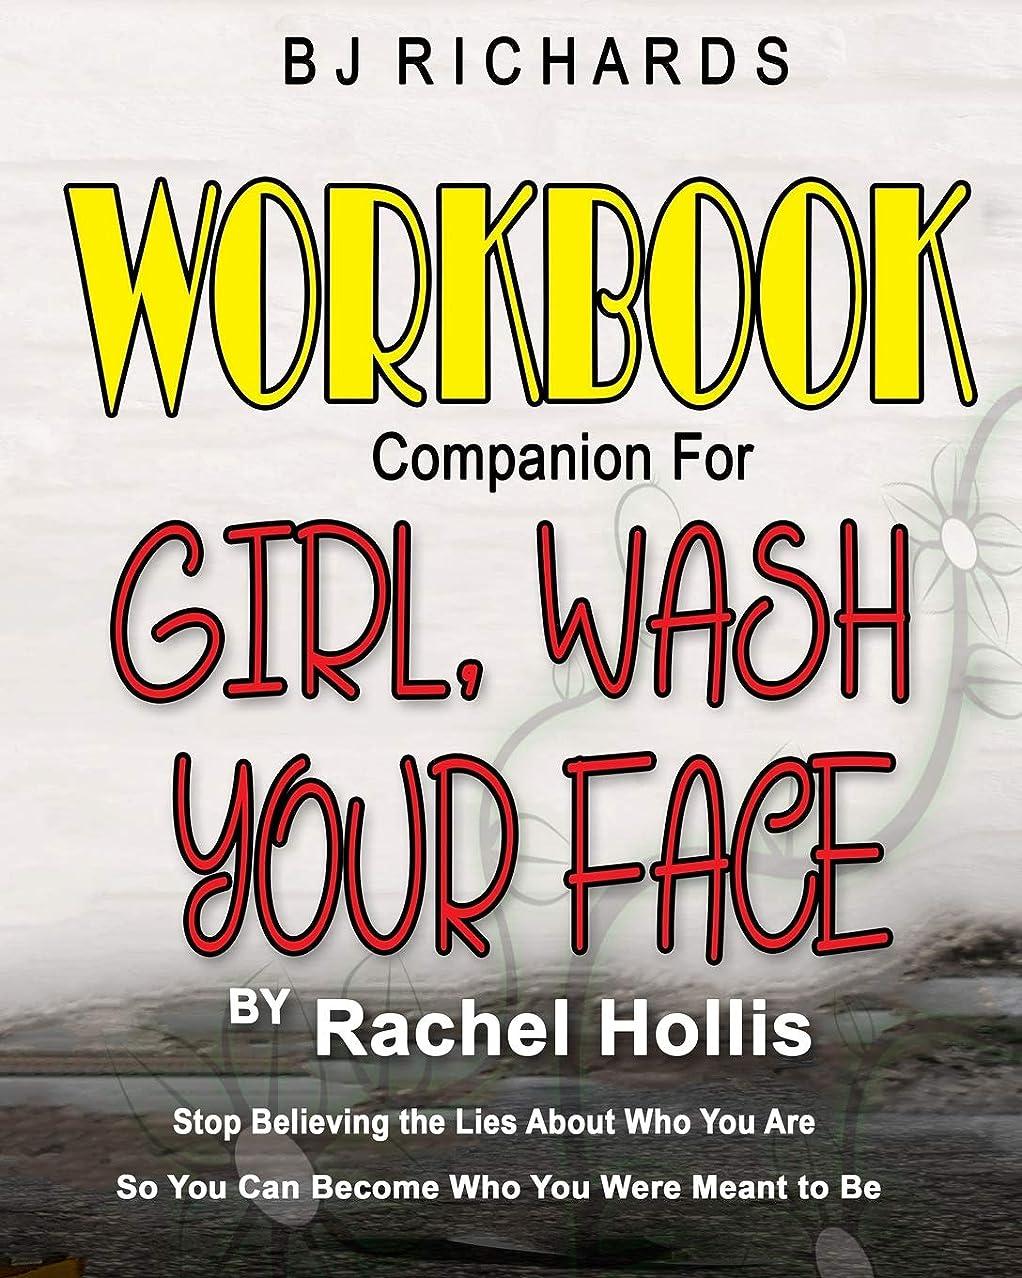 逮捕一掃する接続Workbook Companion for Girl Wash Your Face by Rachel Hollis: Stop Believing the Lies About Who You Are So You Can Become Who You Were Meant to Be